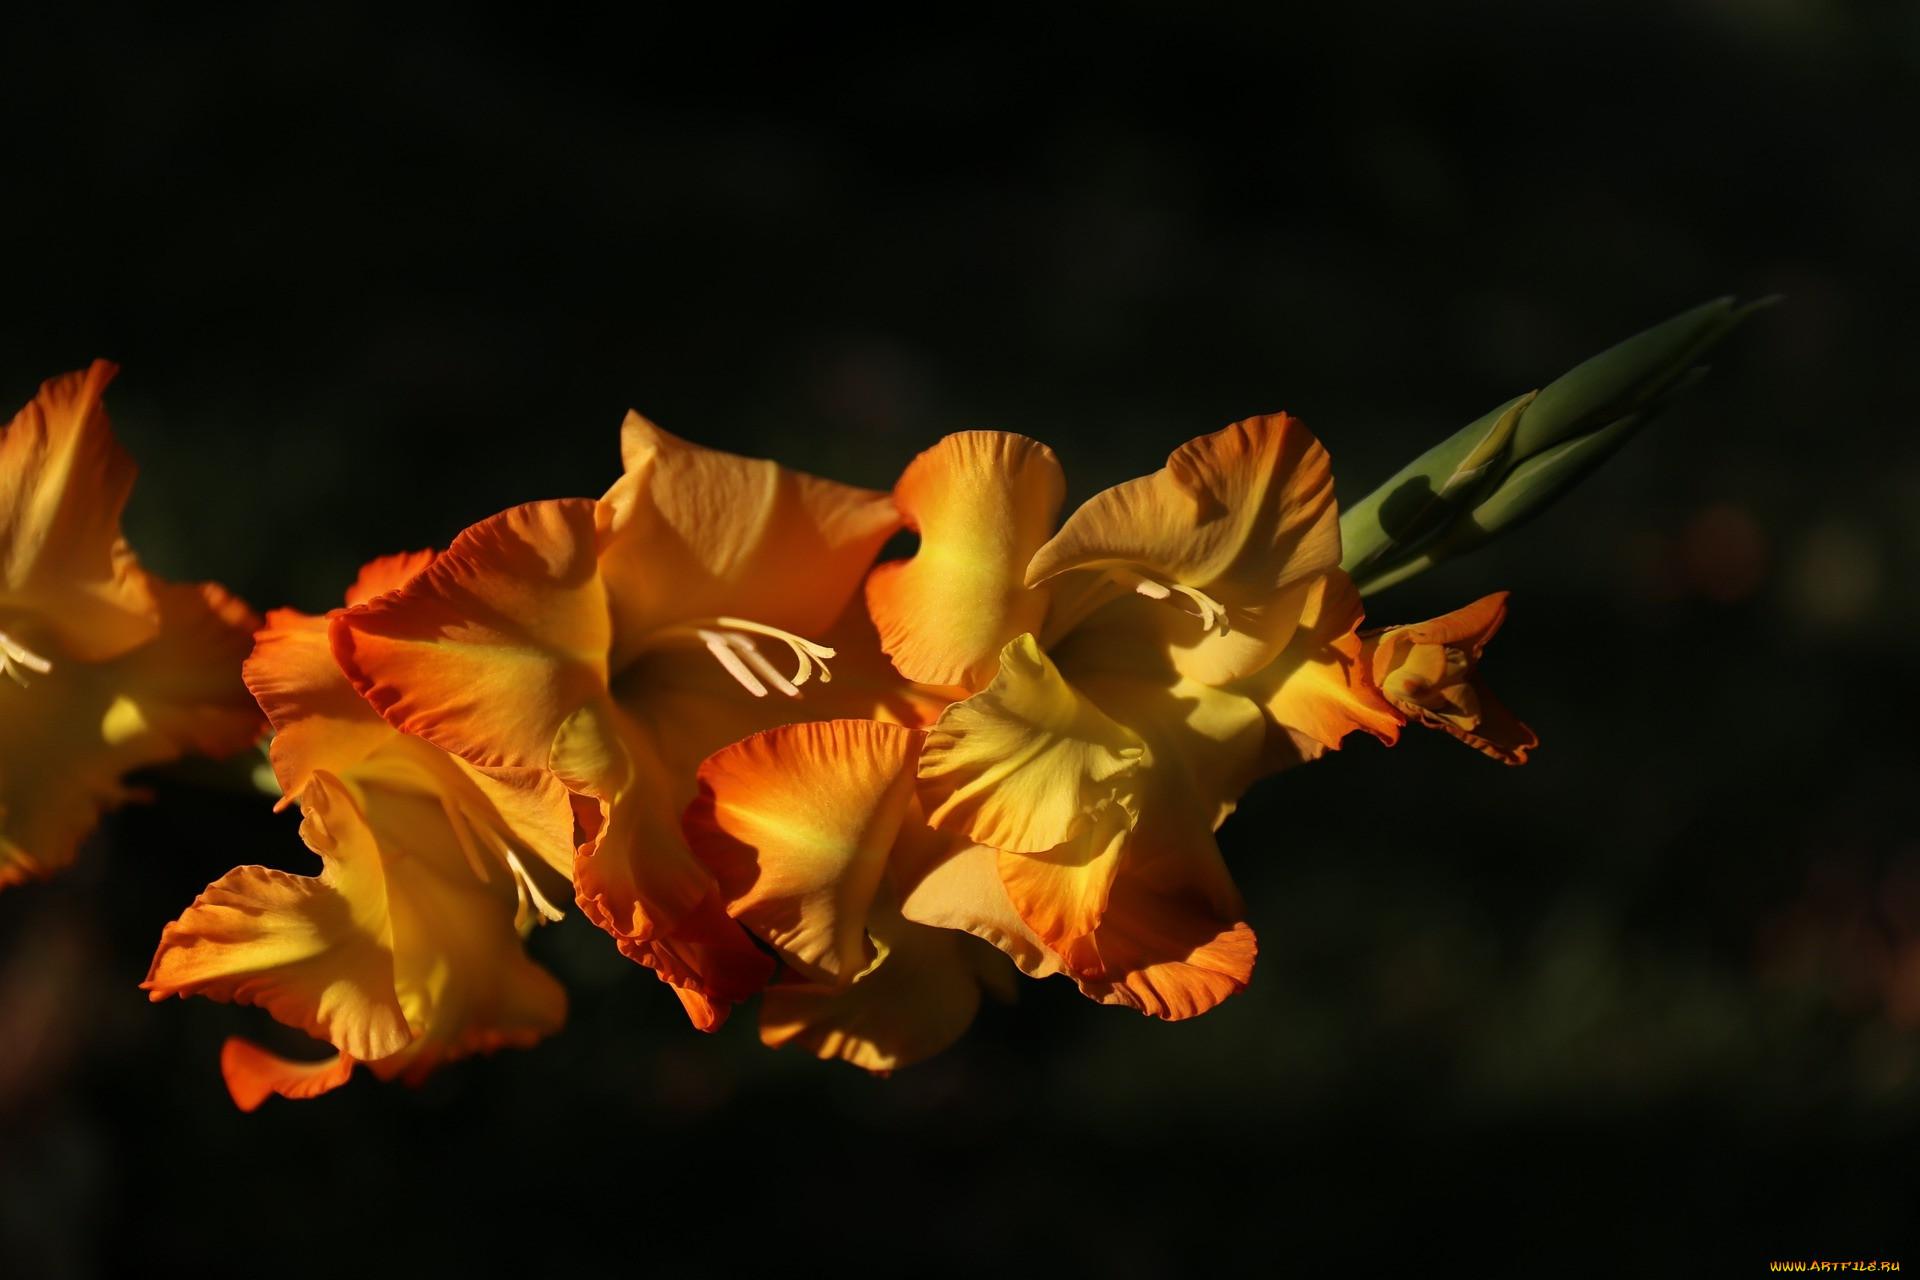 цветы, гладиолусы, гладиолус